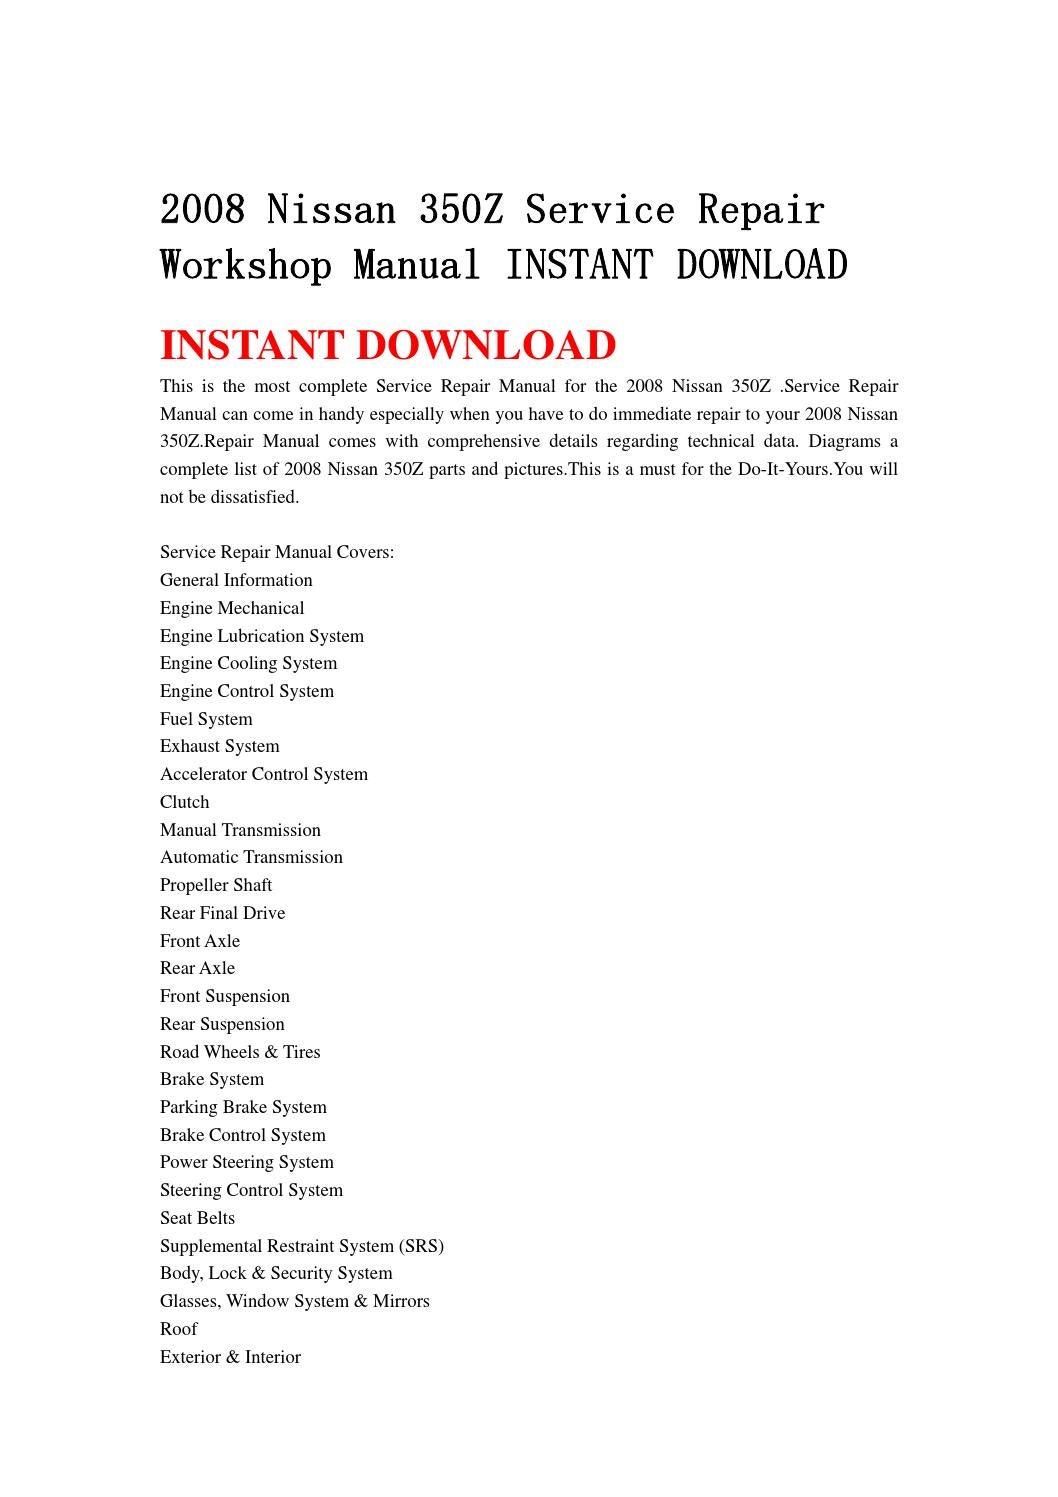 2008 bmw 535xi repair manual free download